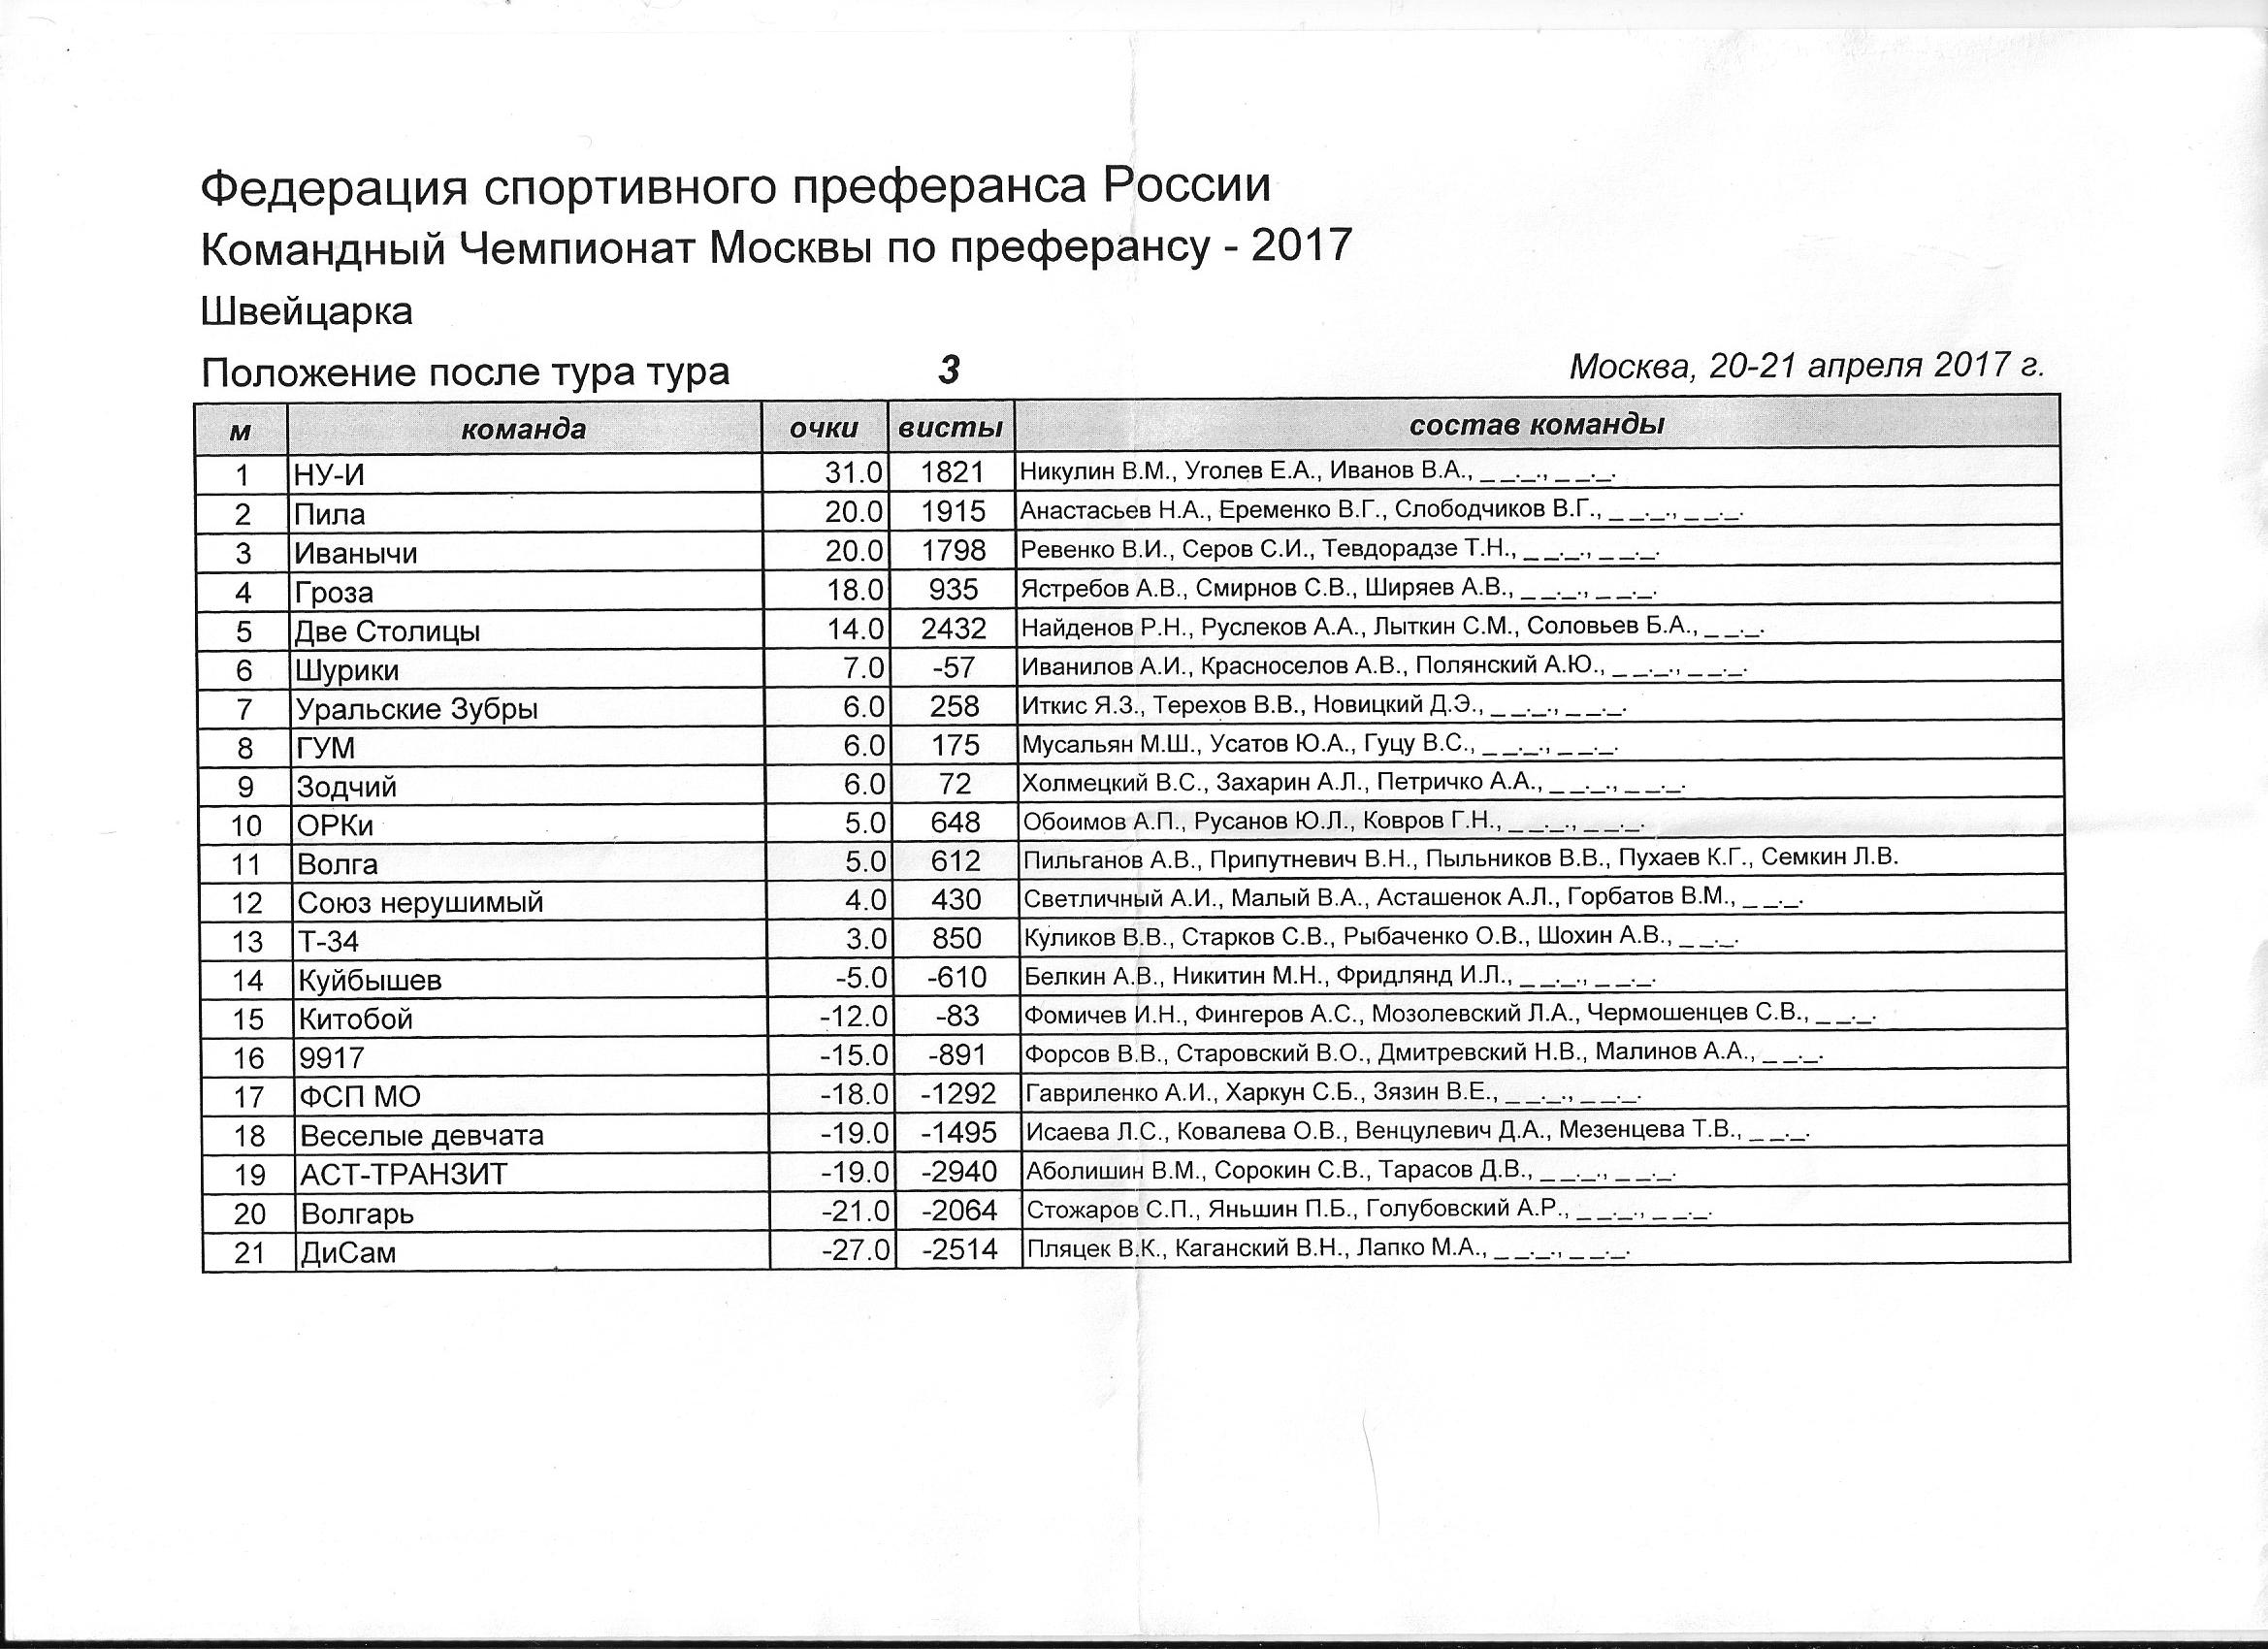 http://s2.uploads.ru/2mdNe.png